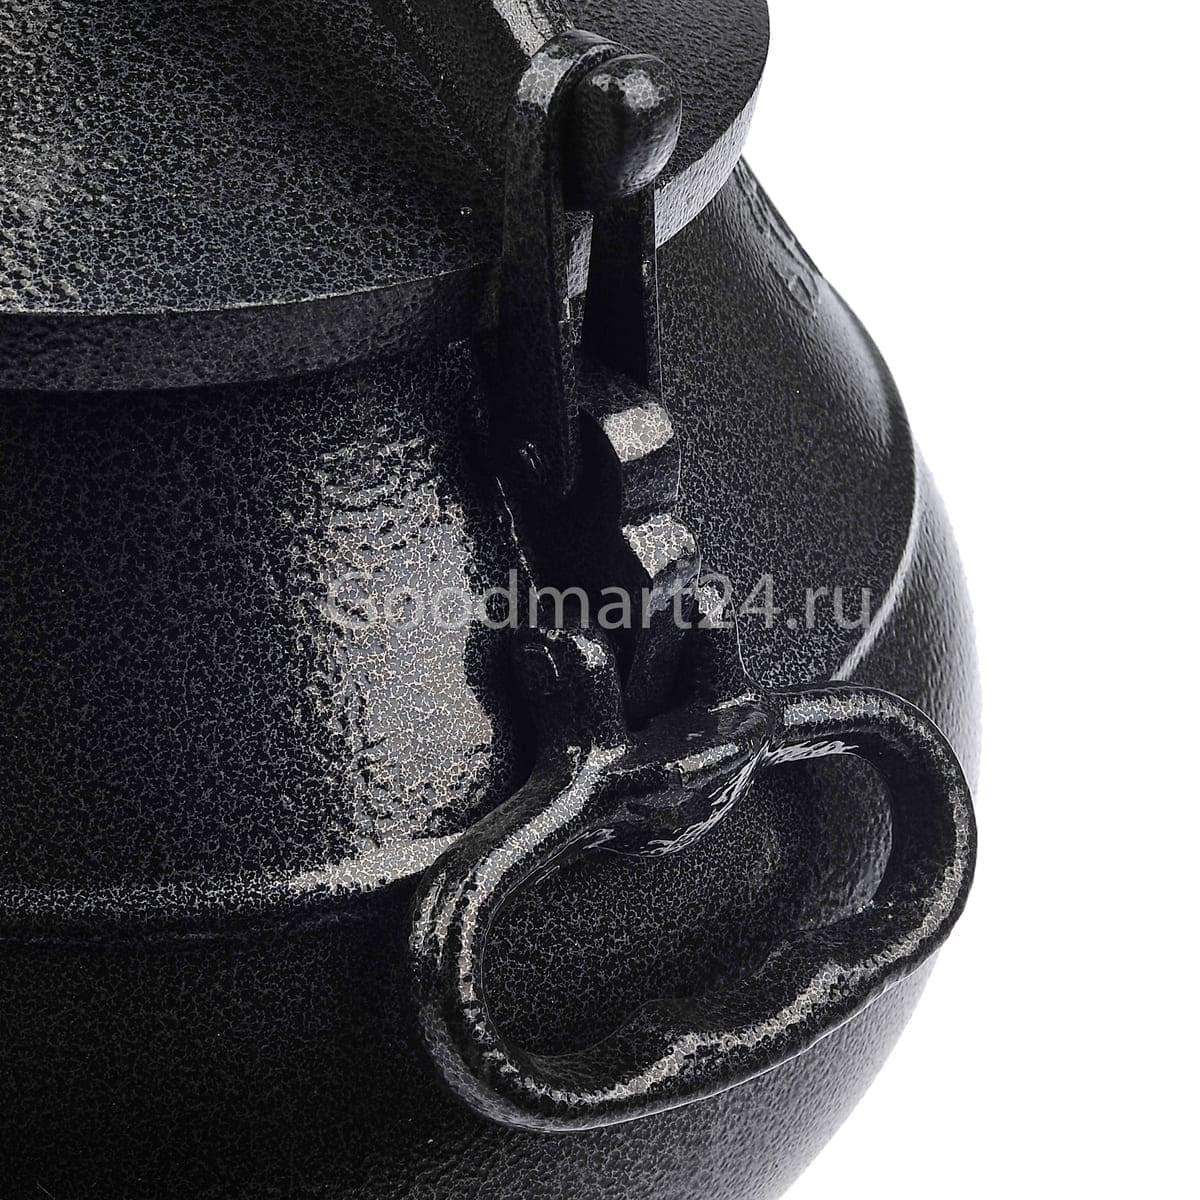 Заказать Афганский казан Rashko Baba LTD 8 литров алюминиевый чёрный